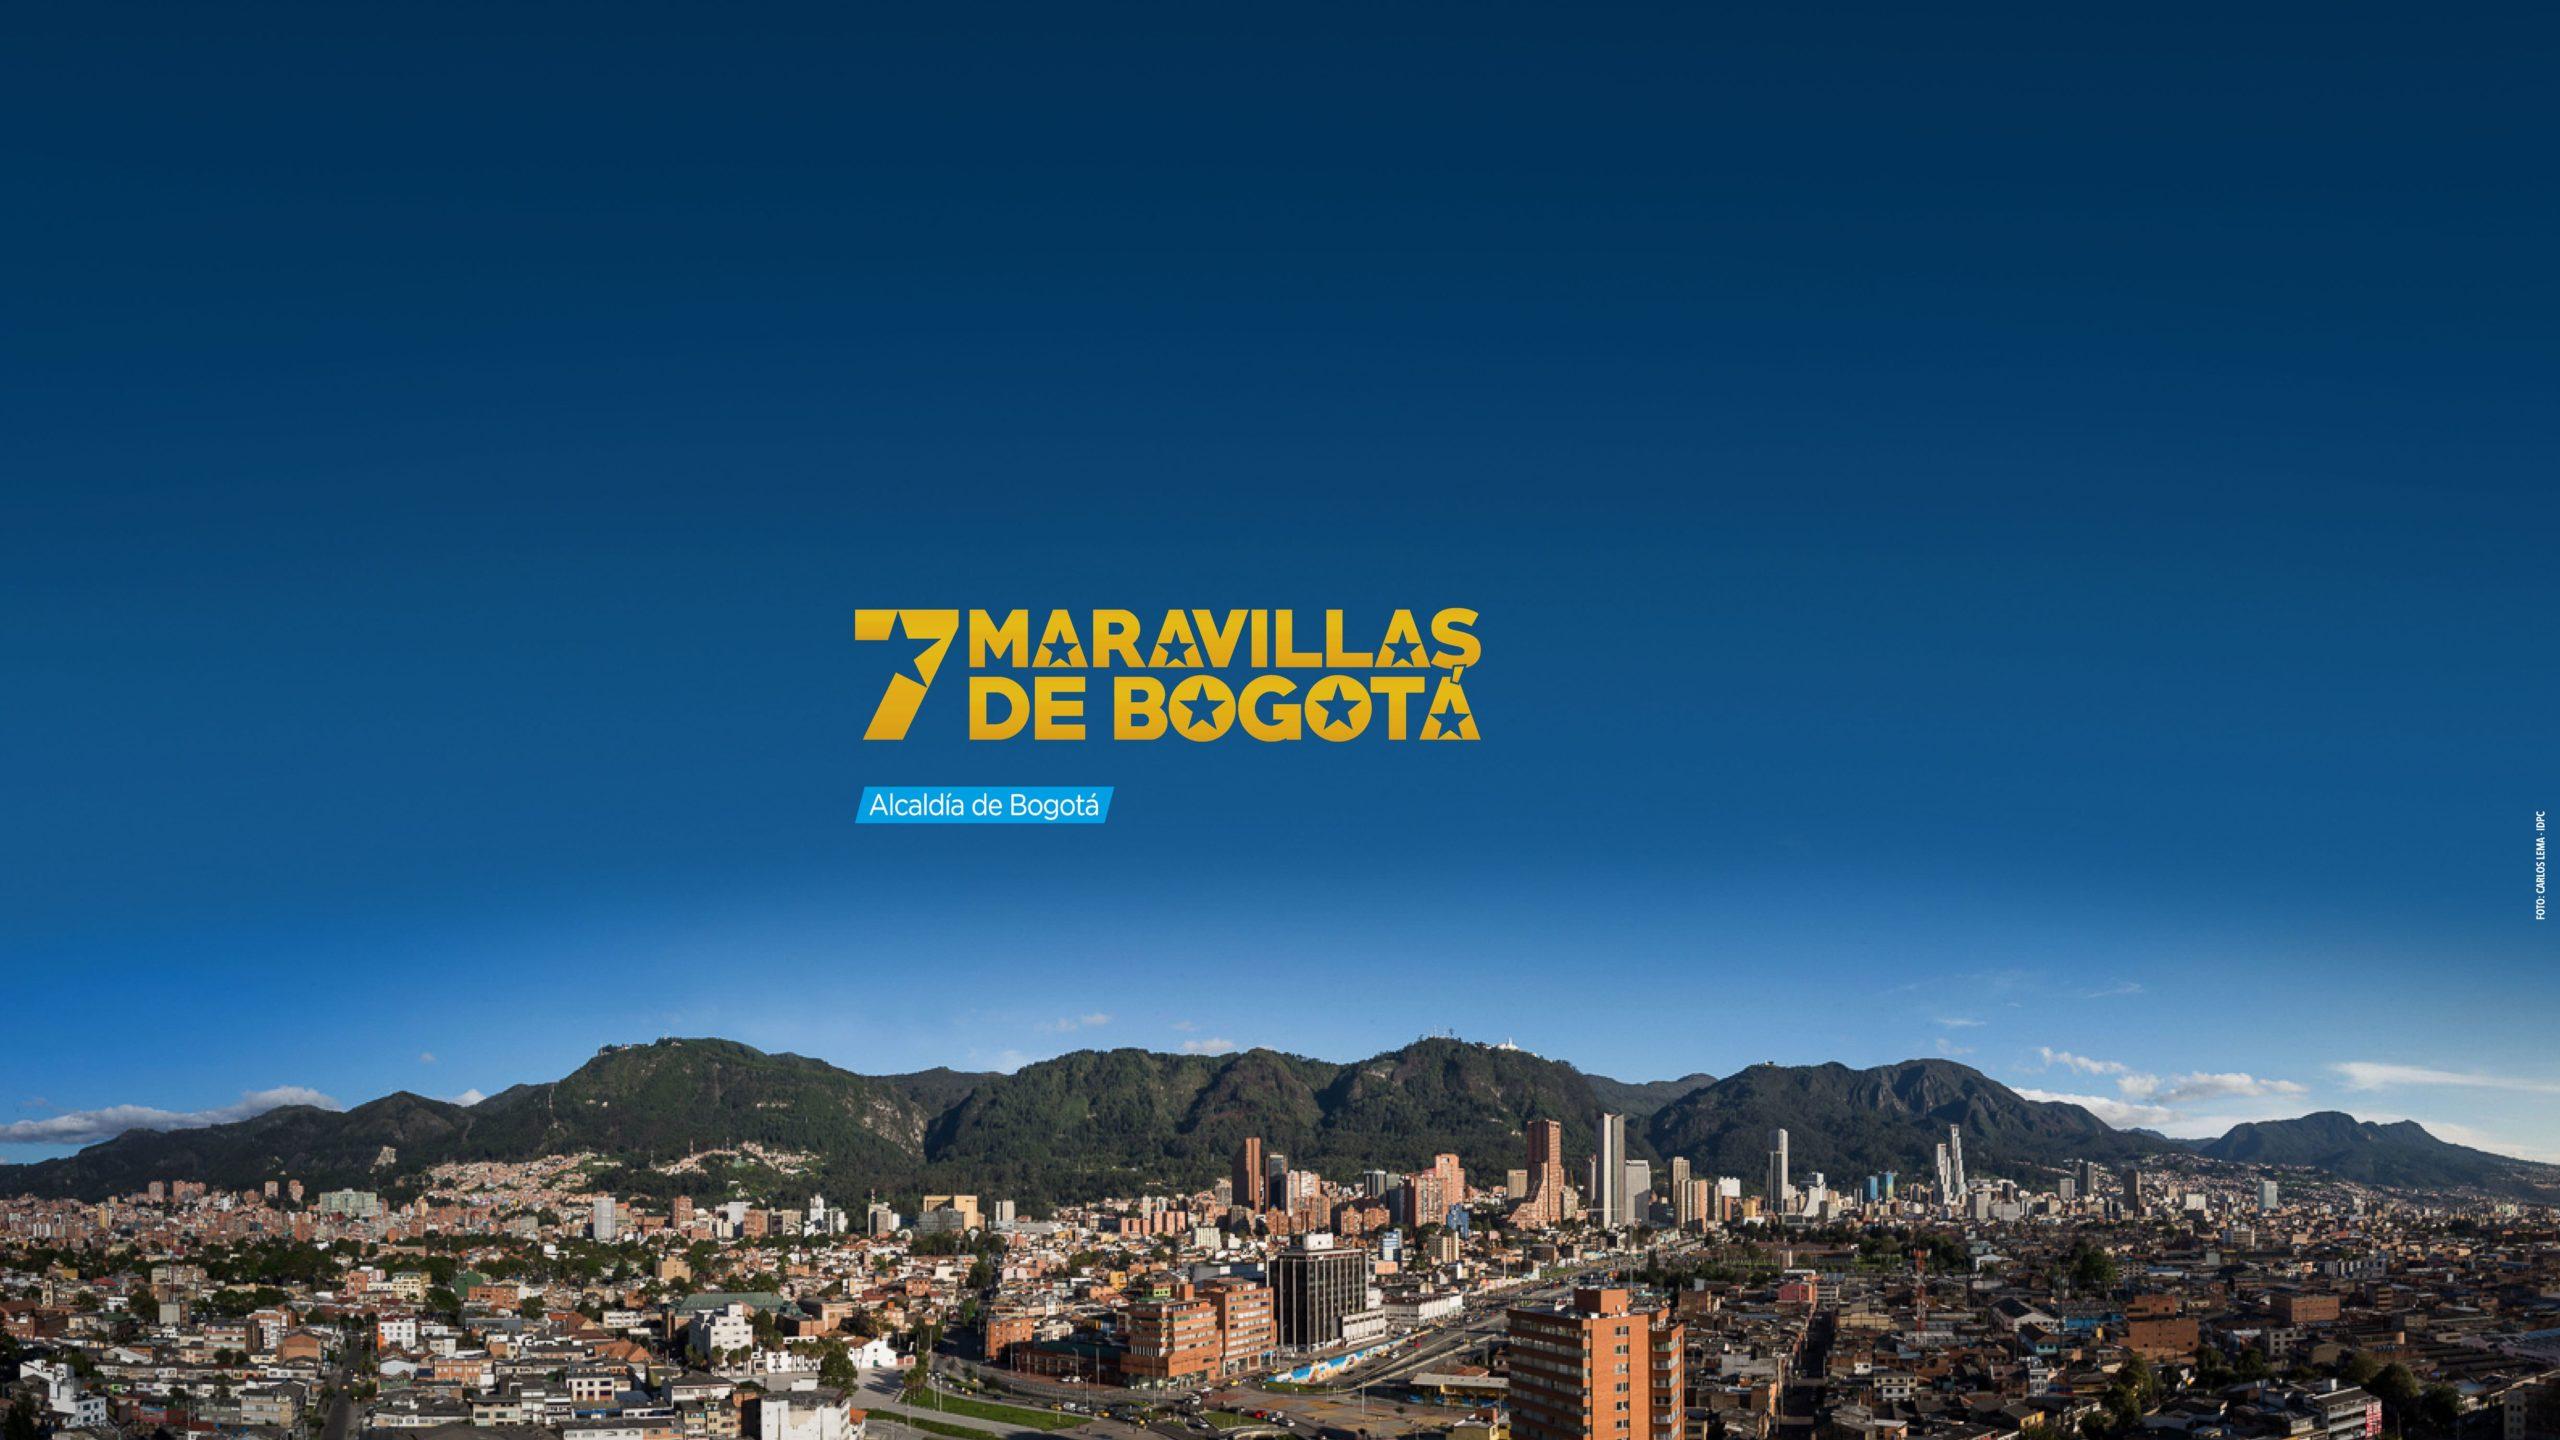 Tras 10 días de votación, Bogotá eligió sus 7 Maravillas